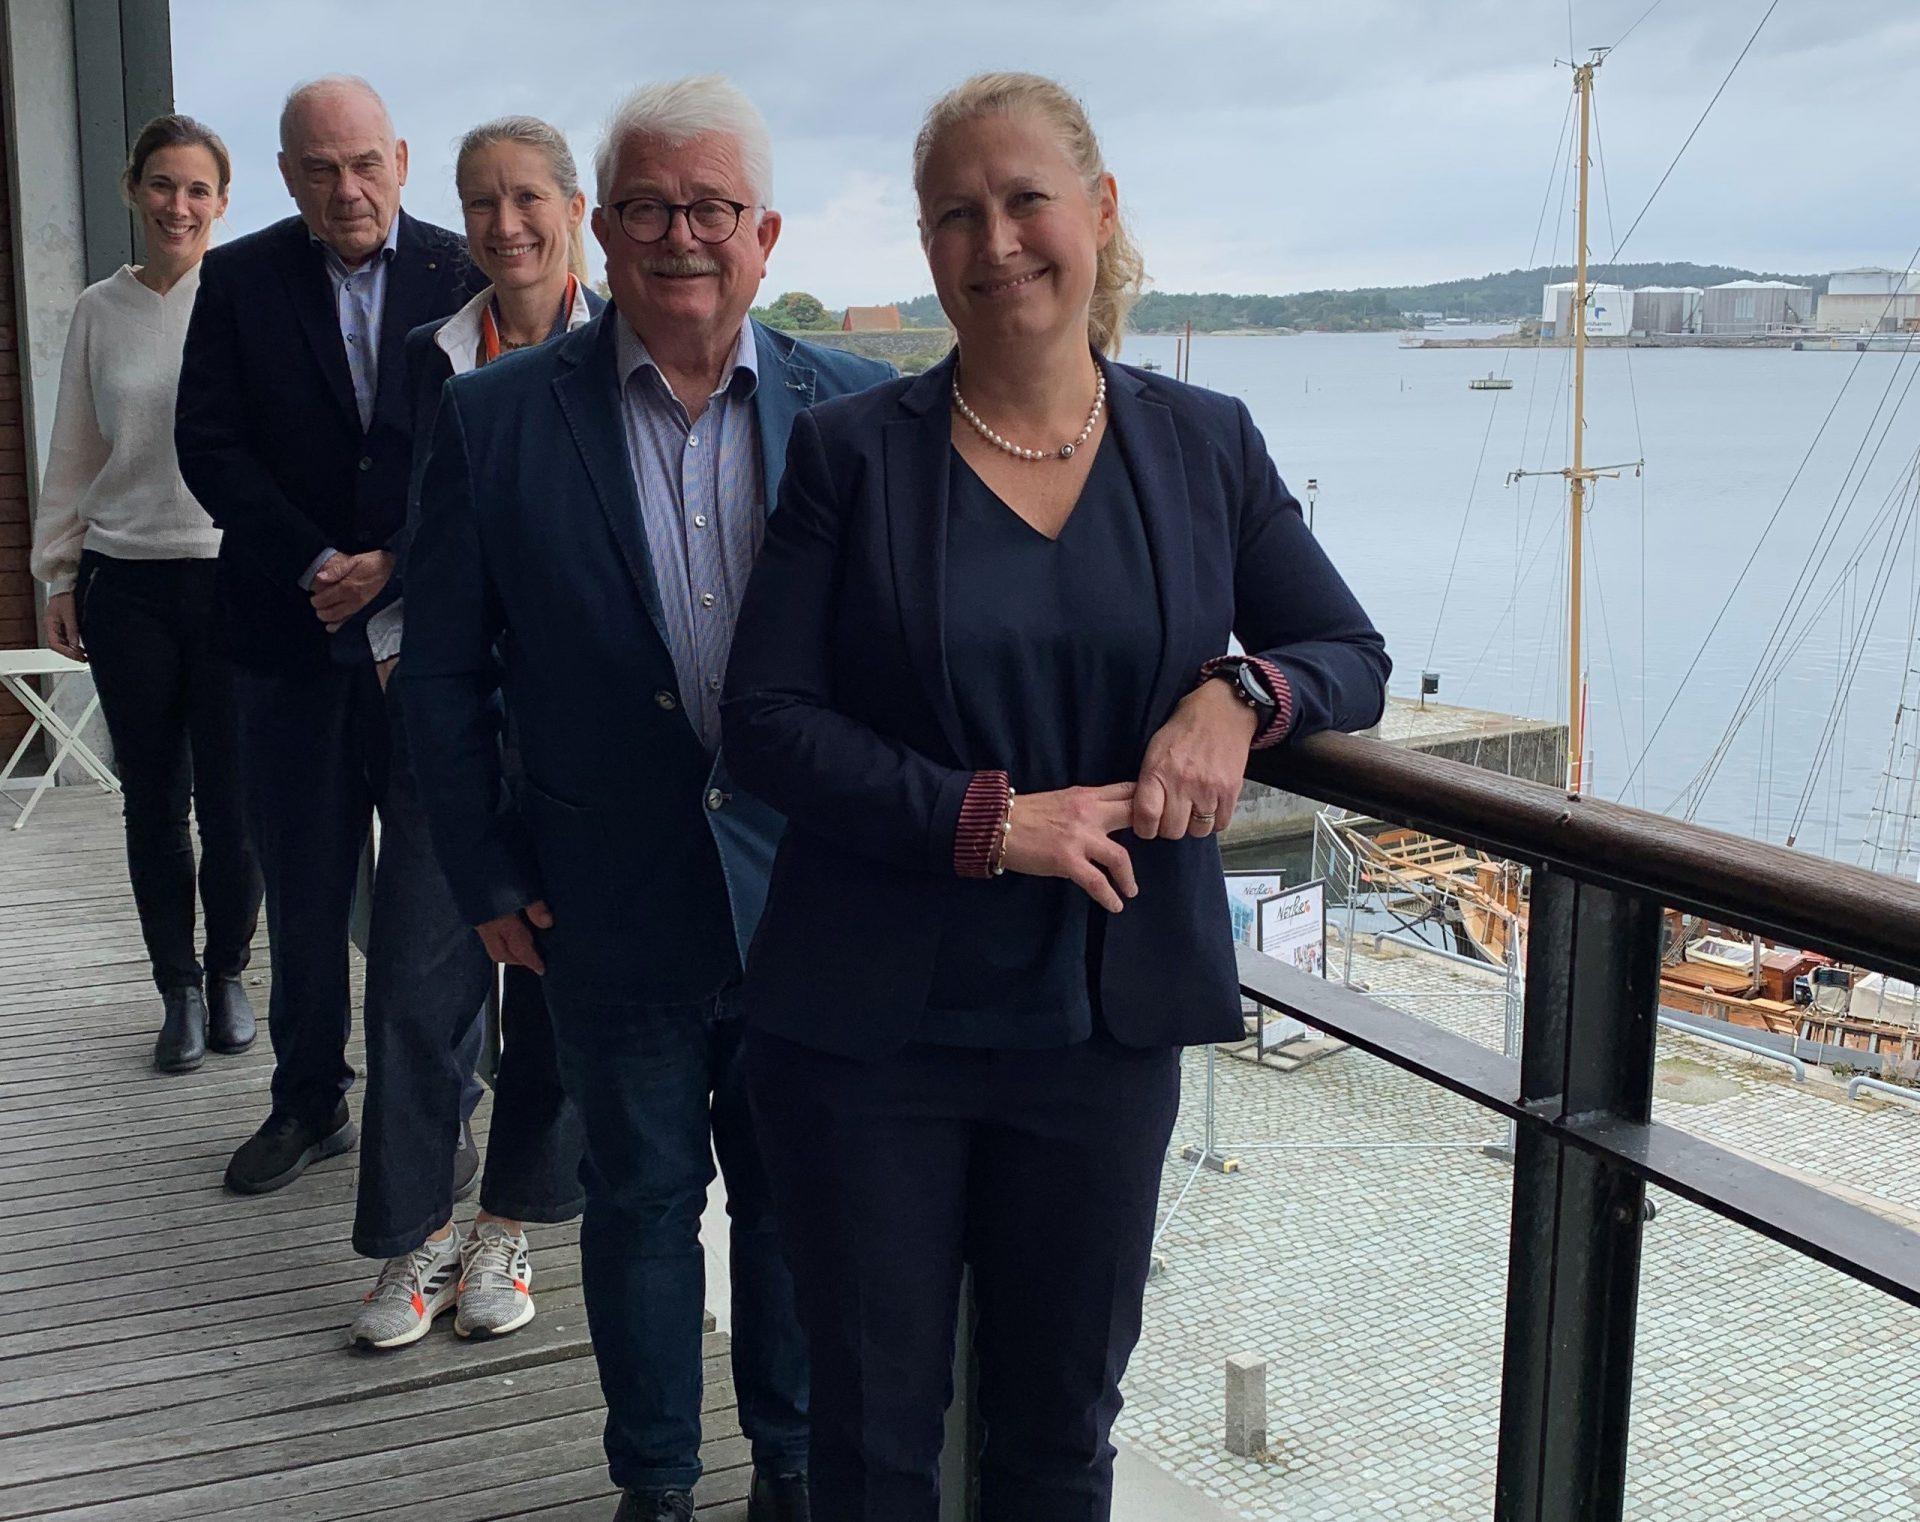 Energifabriken förvärvar Vegoil Energy Provider och skapar den största leverantören av förnybara bränslen på den svenska marknaden.